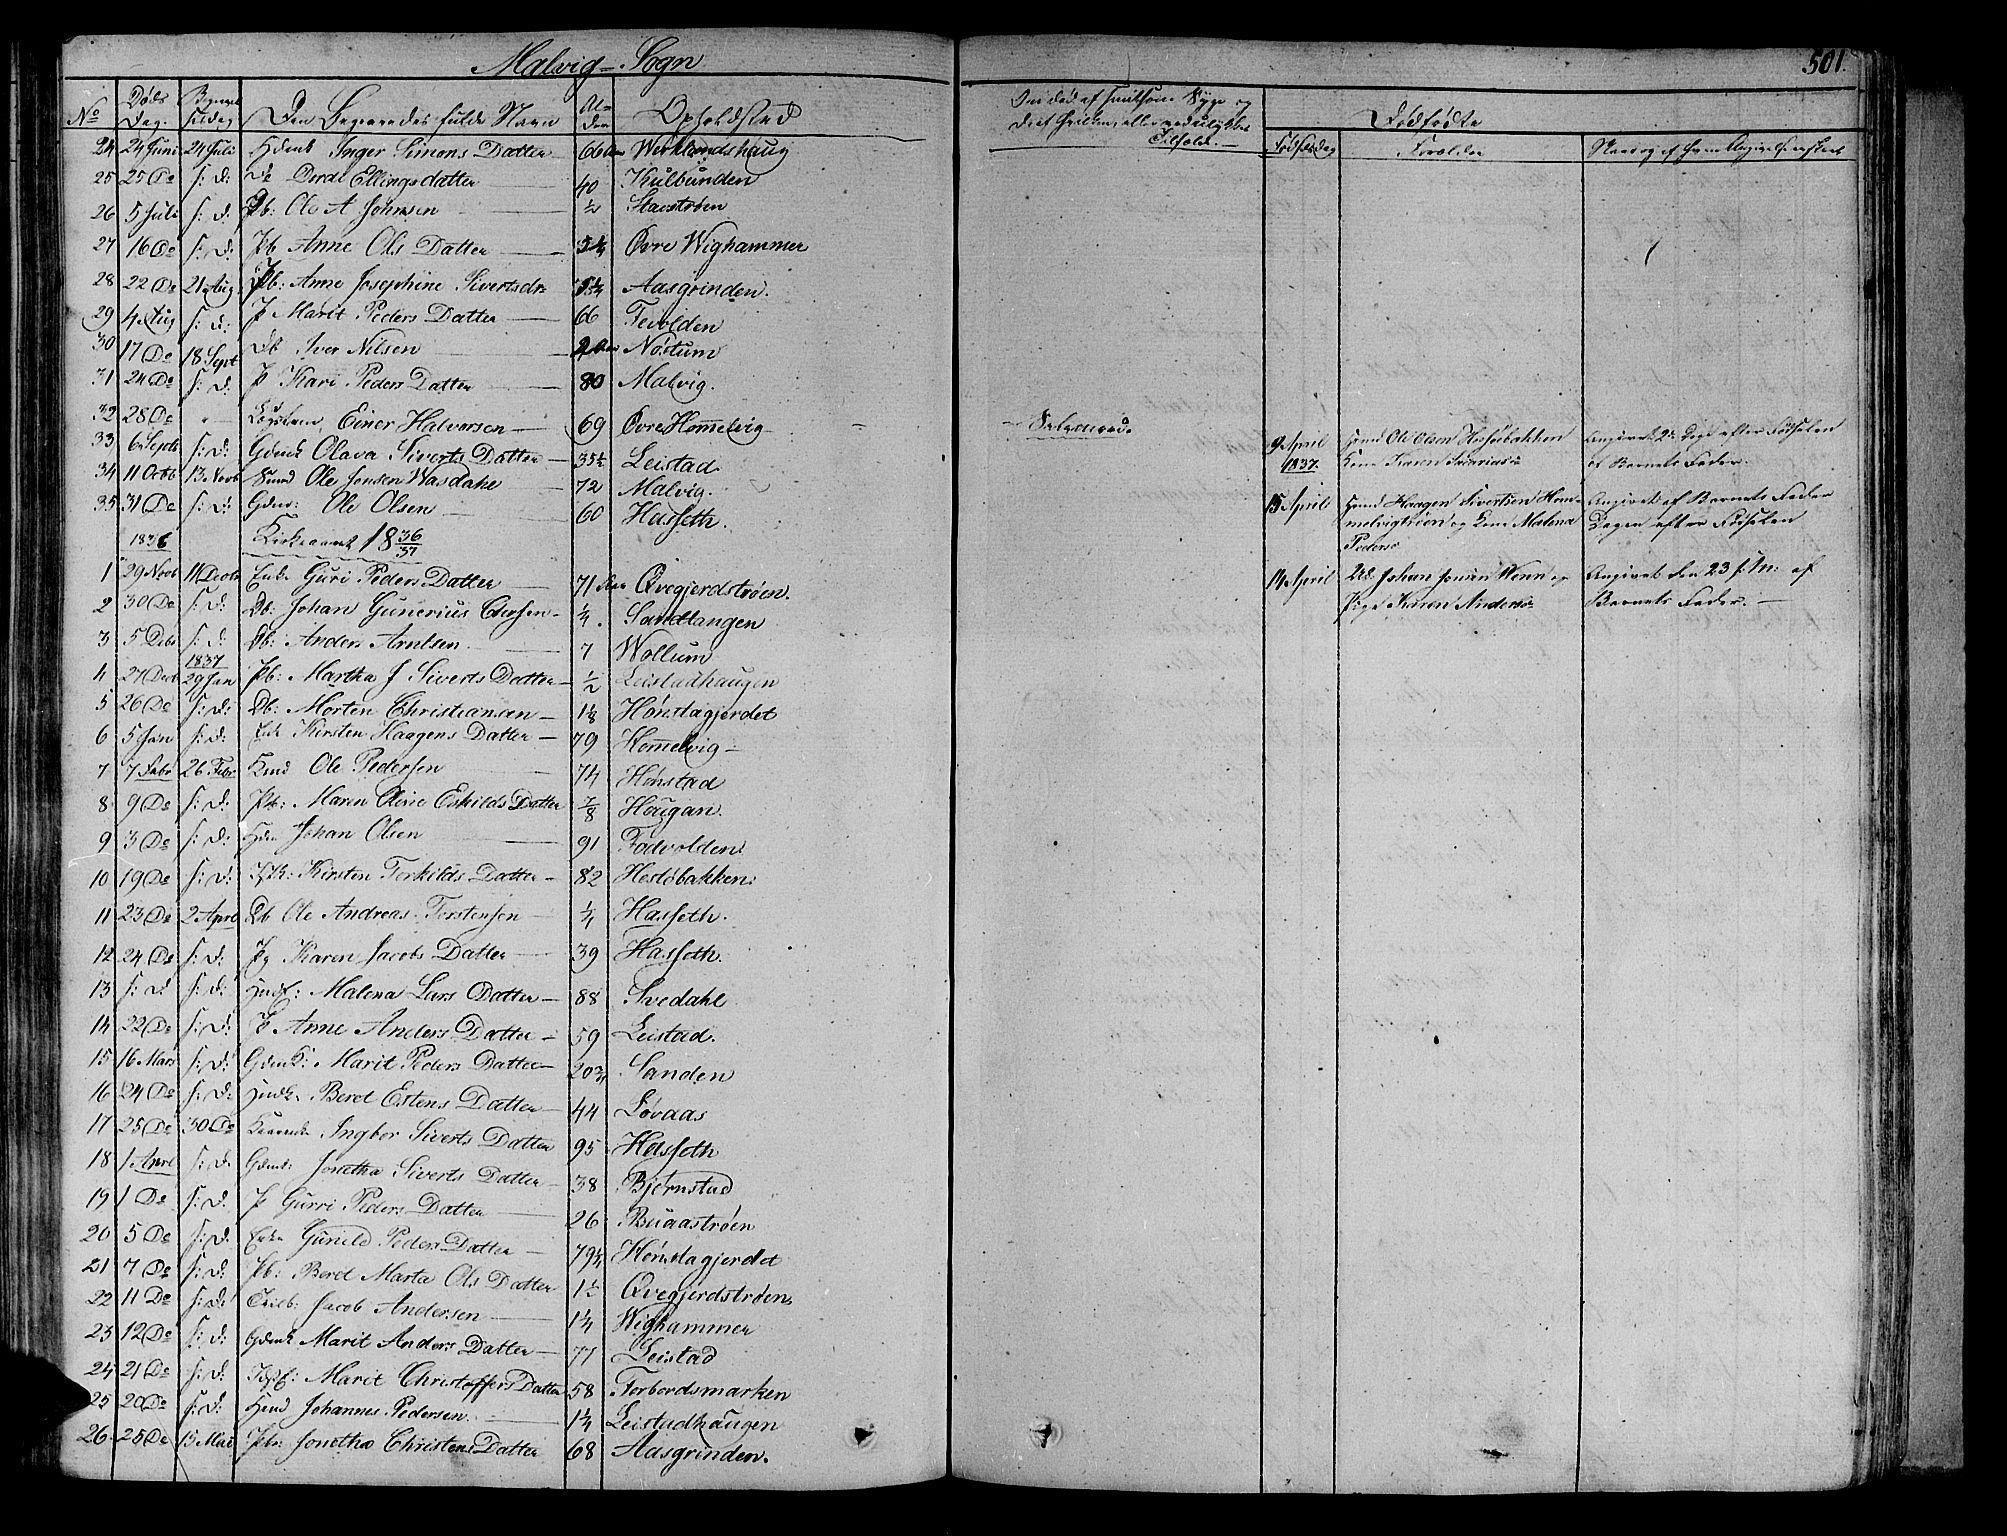 SAT, Ministerialprotokoller, klokkerbøker og fødselsregistre - Sør-Trøndelag, 606/L0288: Ministerialbok nr. 606A04 /3, 1826-1840, s. 501